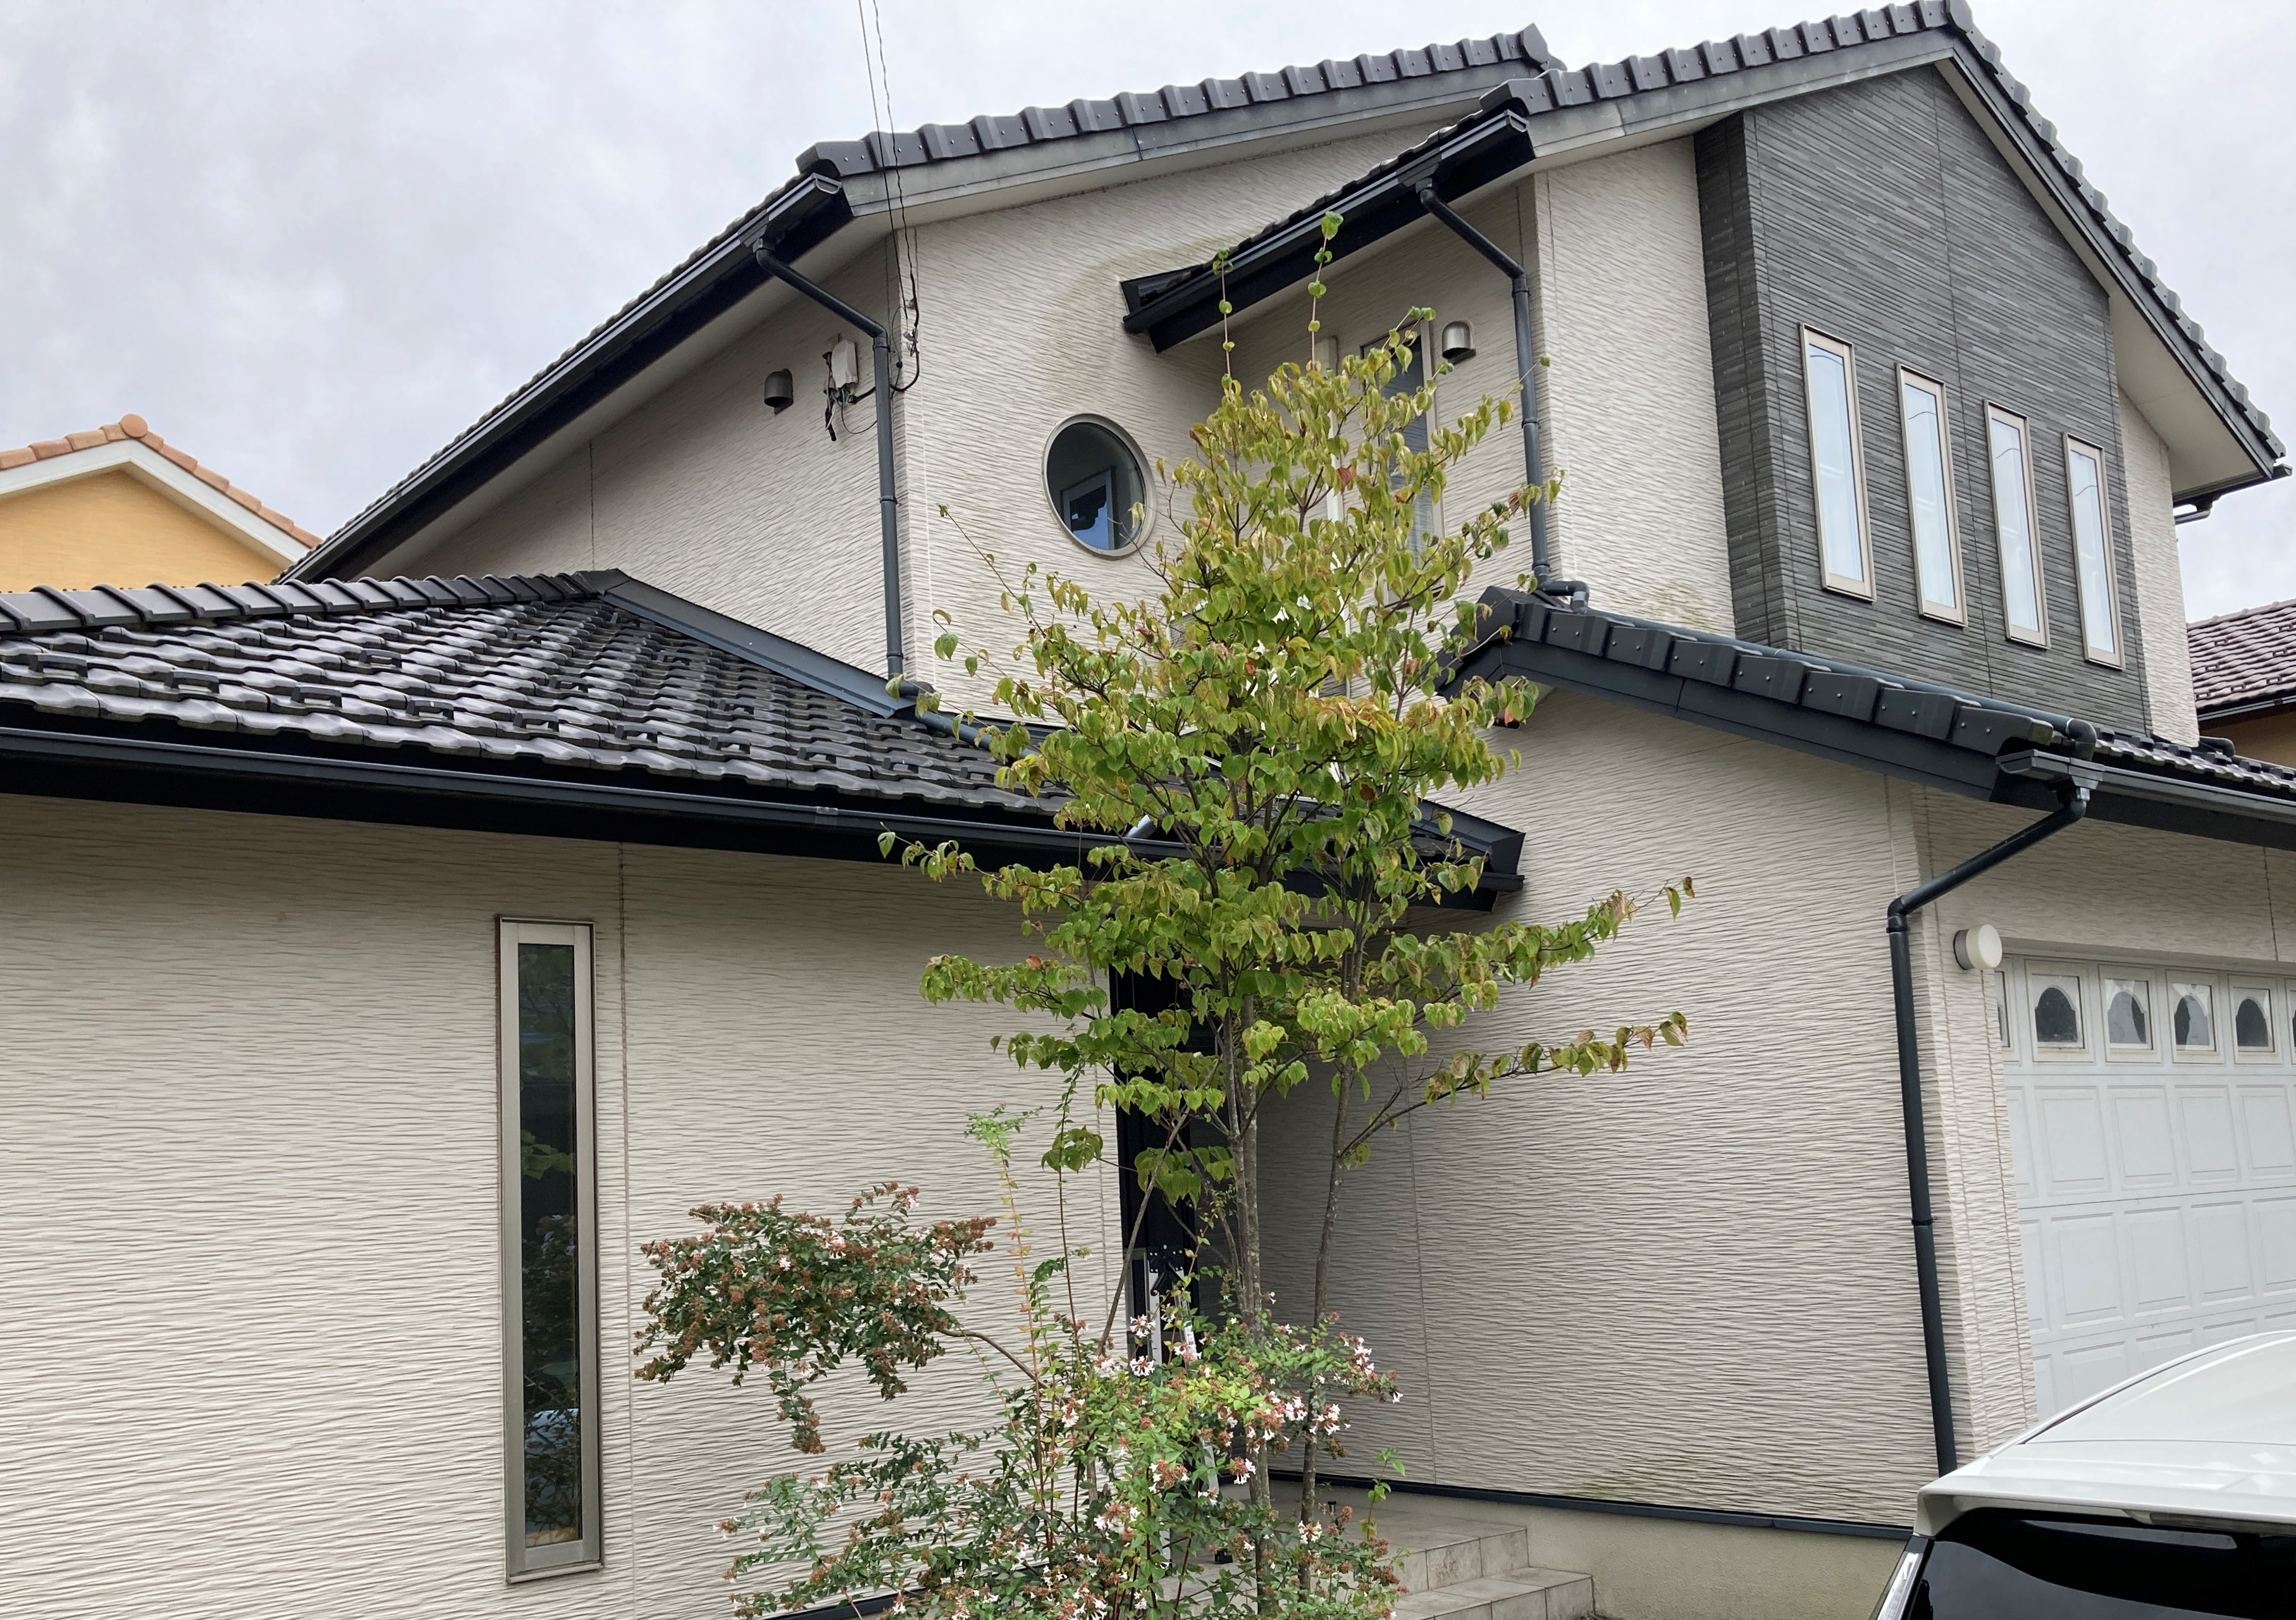 黒部市植木 インナーガレージ住宅 収納充実・床暖房付 インスペクション済 リフォーム付 瑕疵保険加入予定 